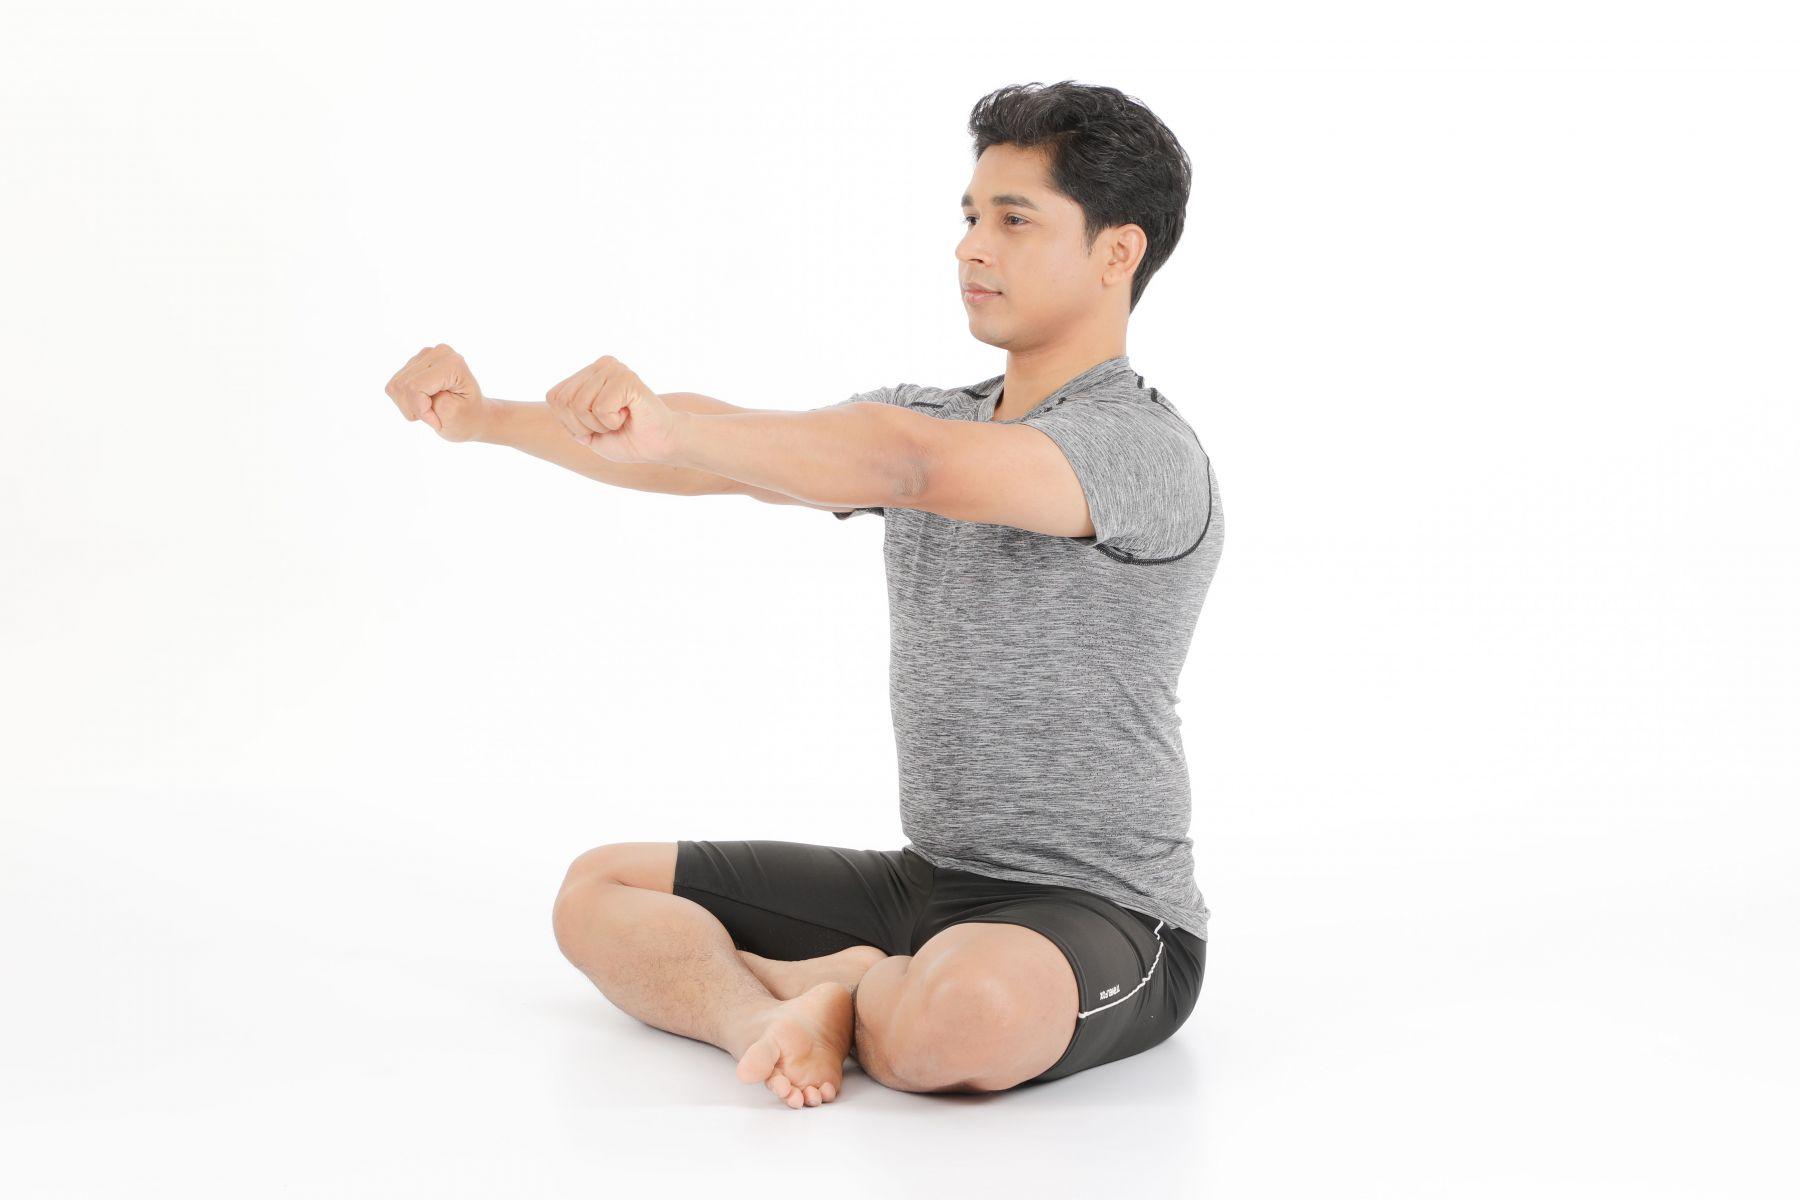 吸氣,雙手伸直抬高至肩膀高度。雙手握拳。